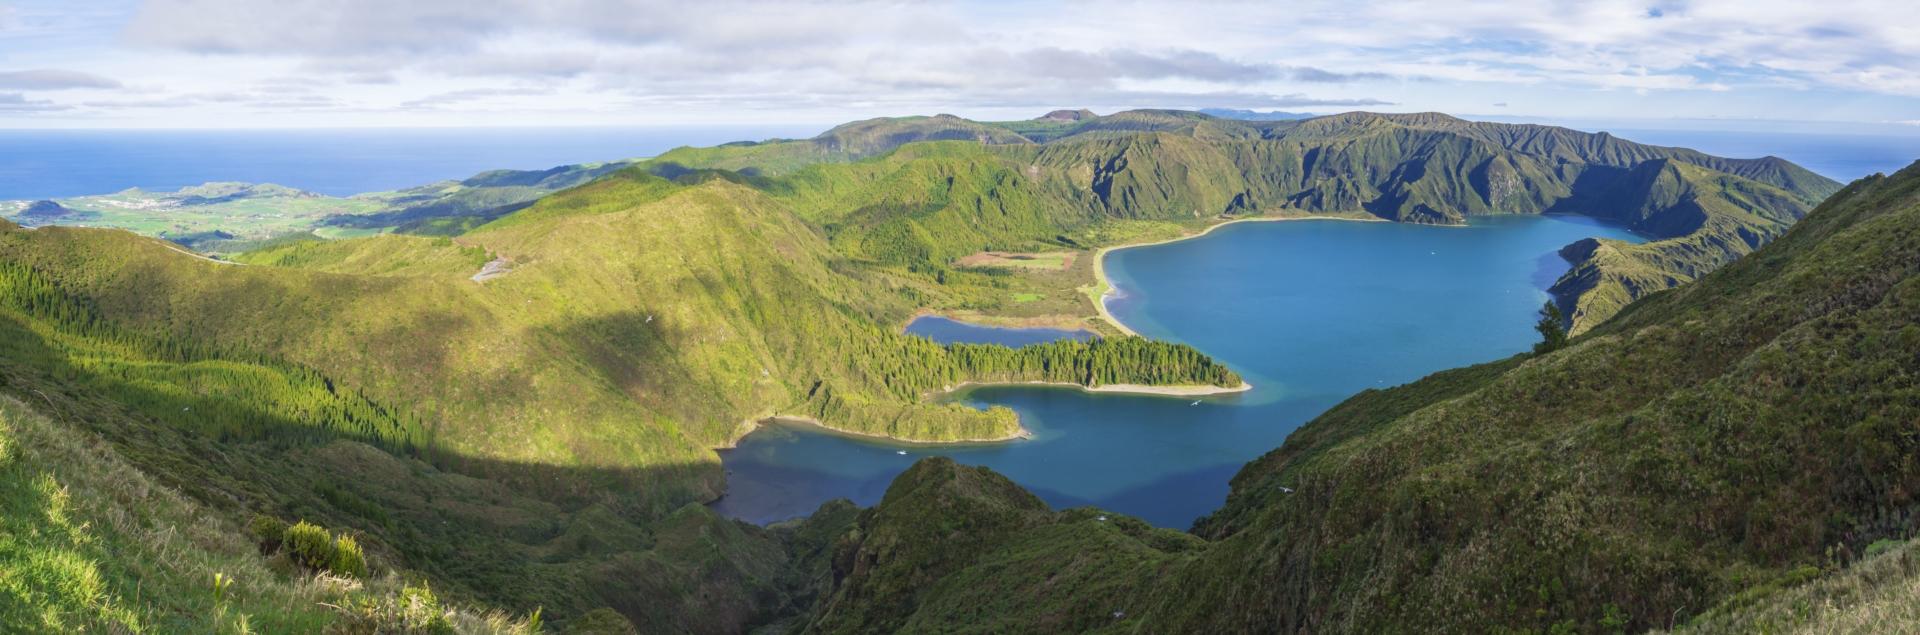 Parc naturel des Açores, Portugal